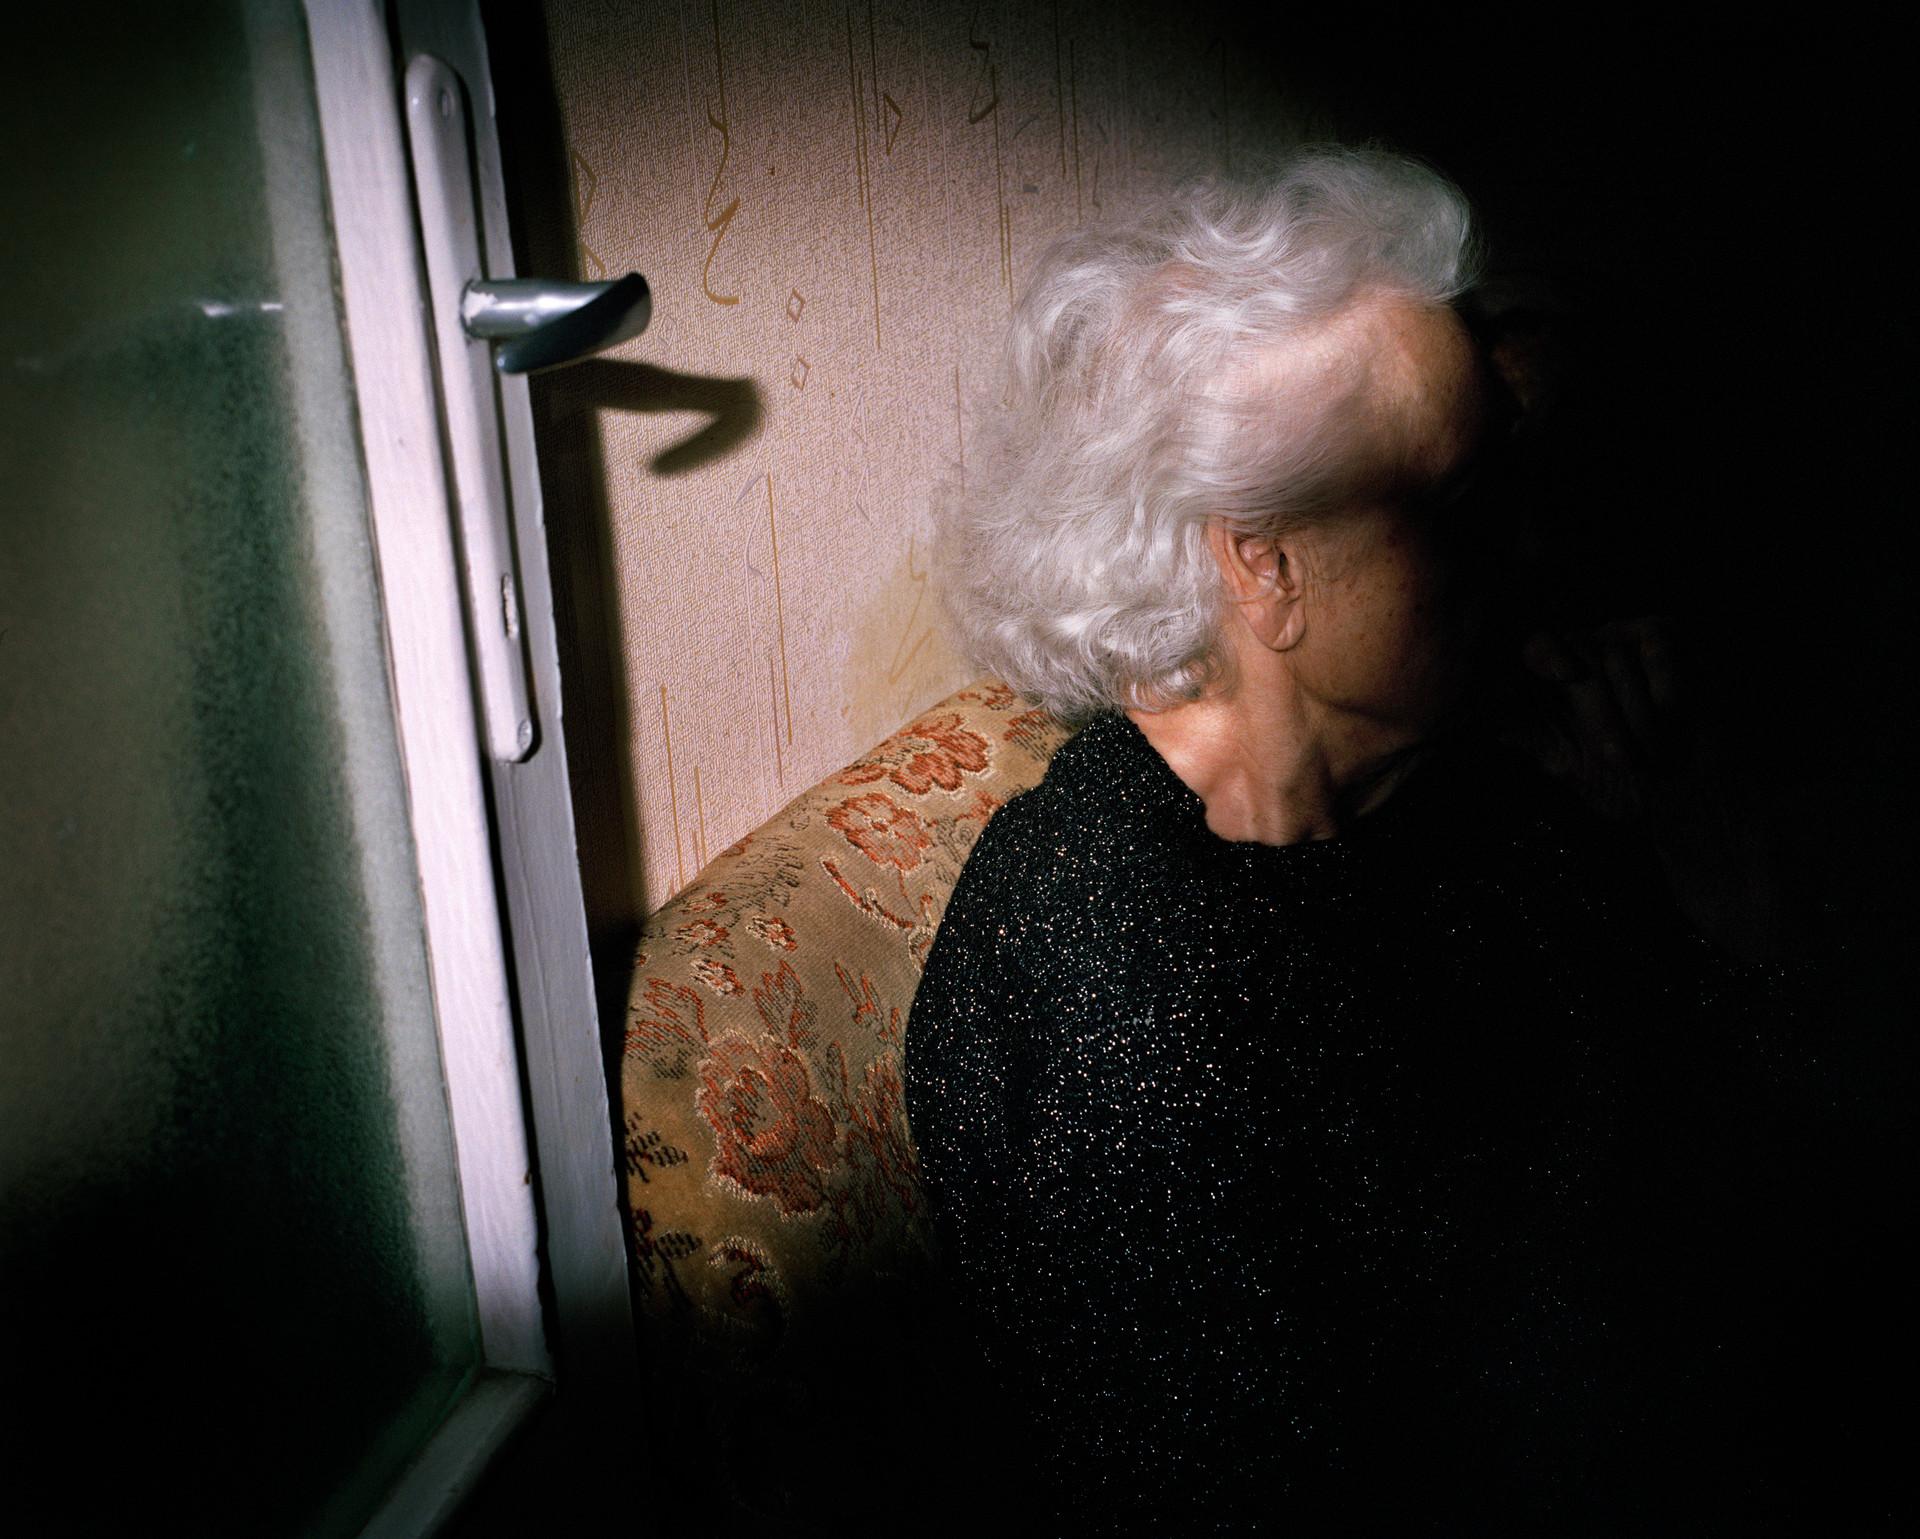 Post Mortem Home Visit